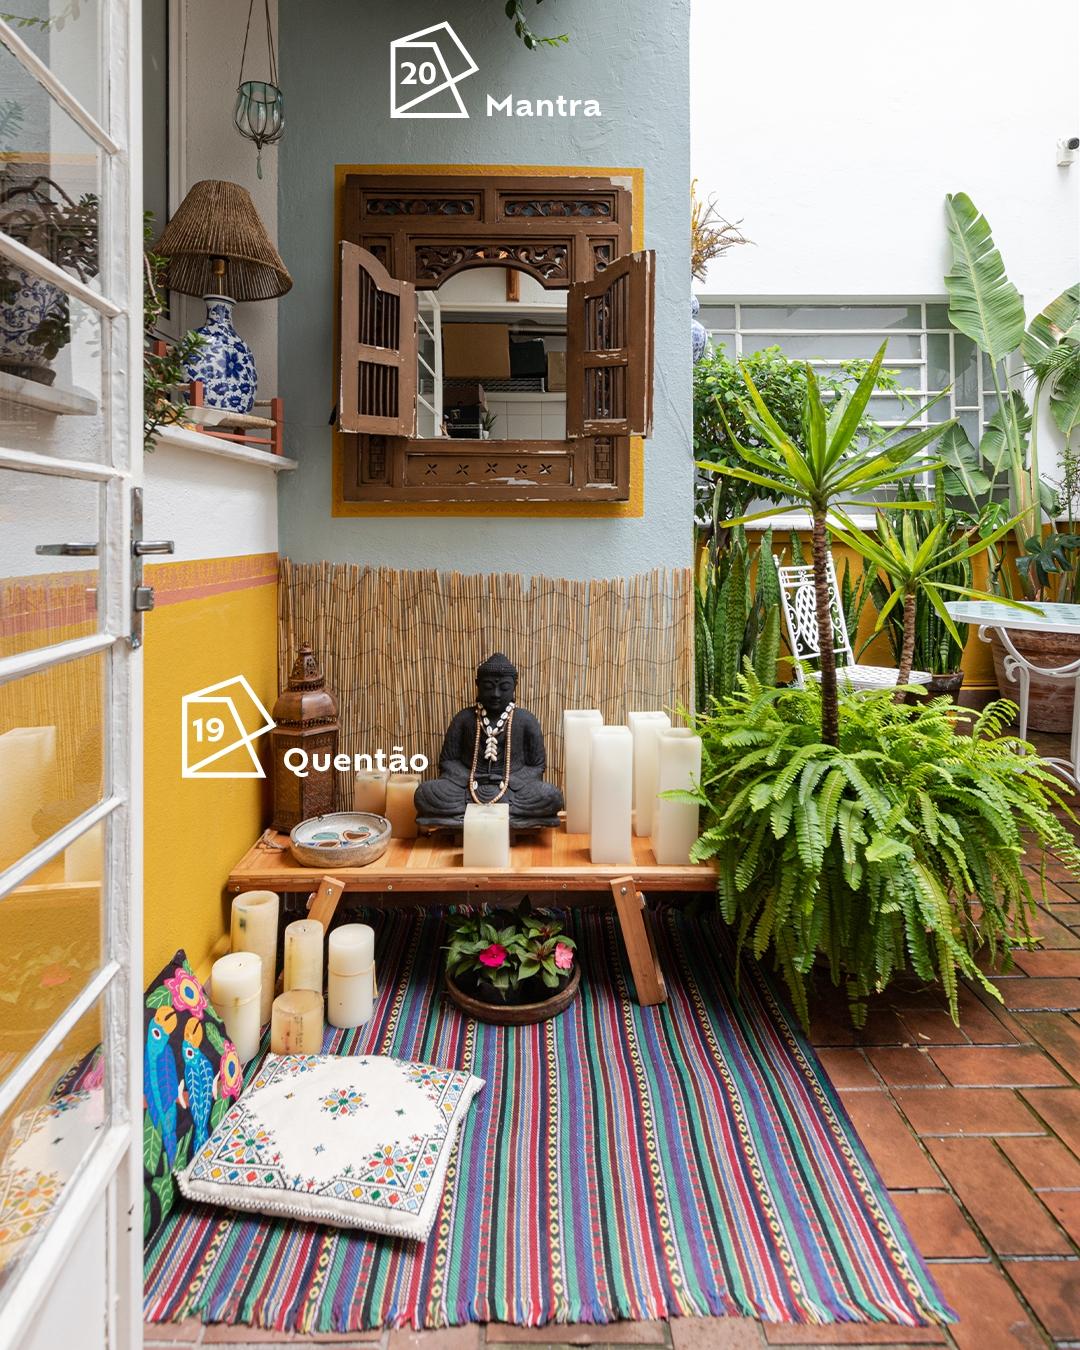 Foto de área externa com um canto em foco. Vemos uma figura religiosa (Buddha) em cima de uma mesa com velas ao redor, um tapete e as paredes pintadas nas cores Quentão e Mantra, e seus ícones de cor do ano 2019 e 2020 respectivamente.